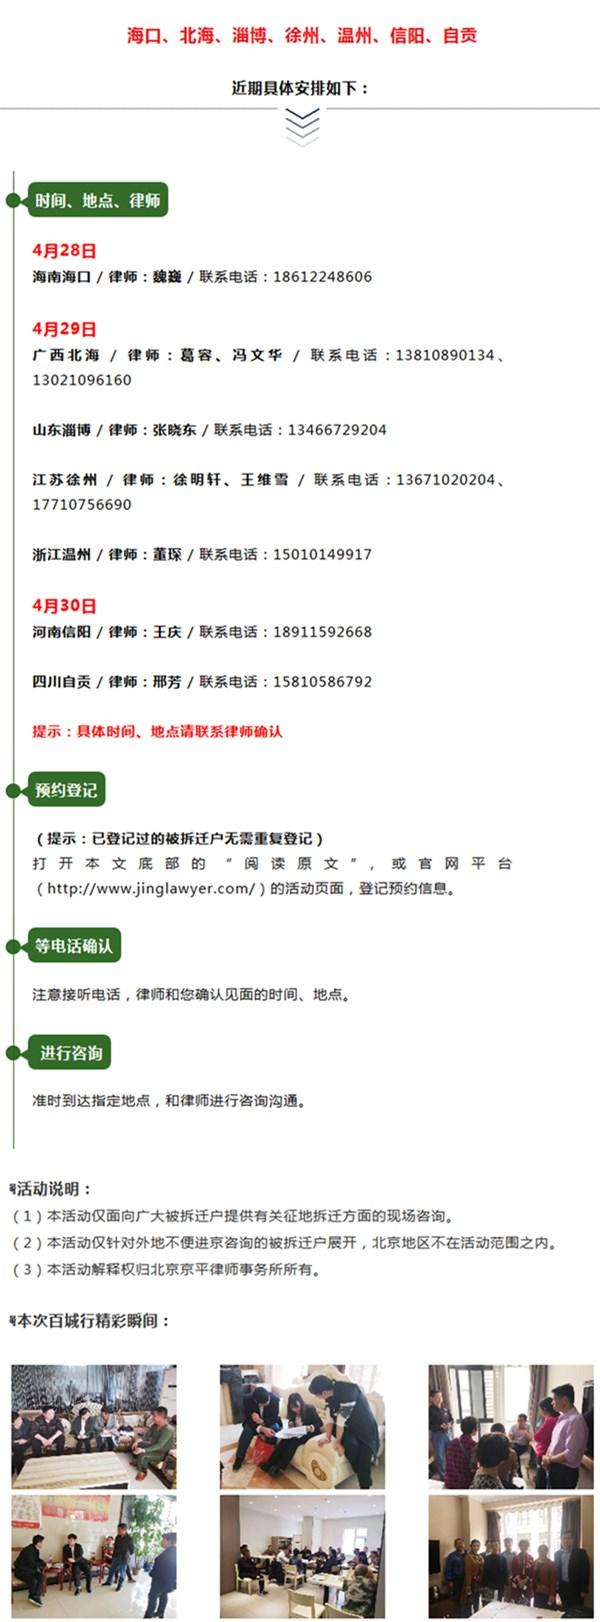 京平律师百城行咨询活动4月底还有七站